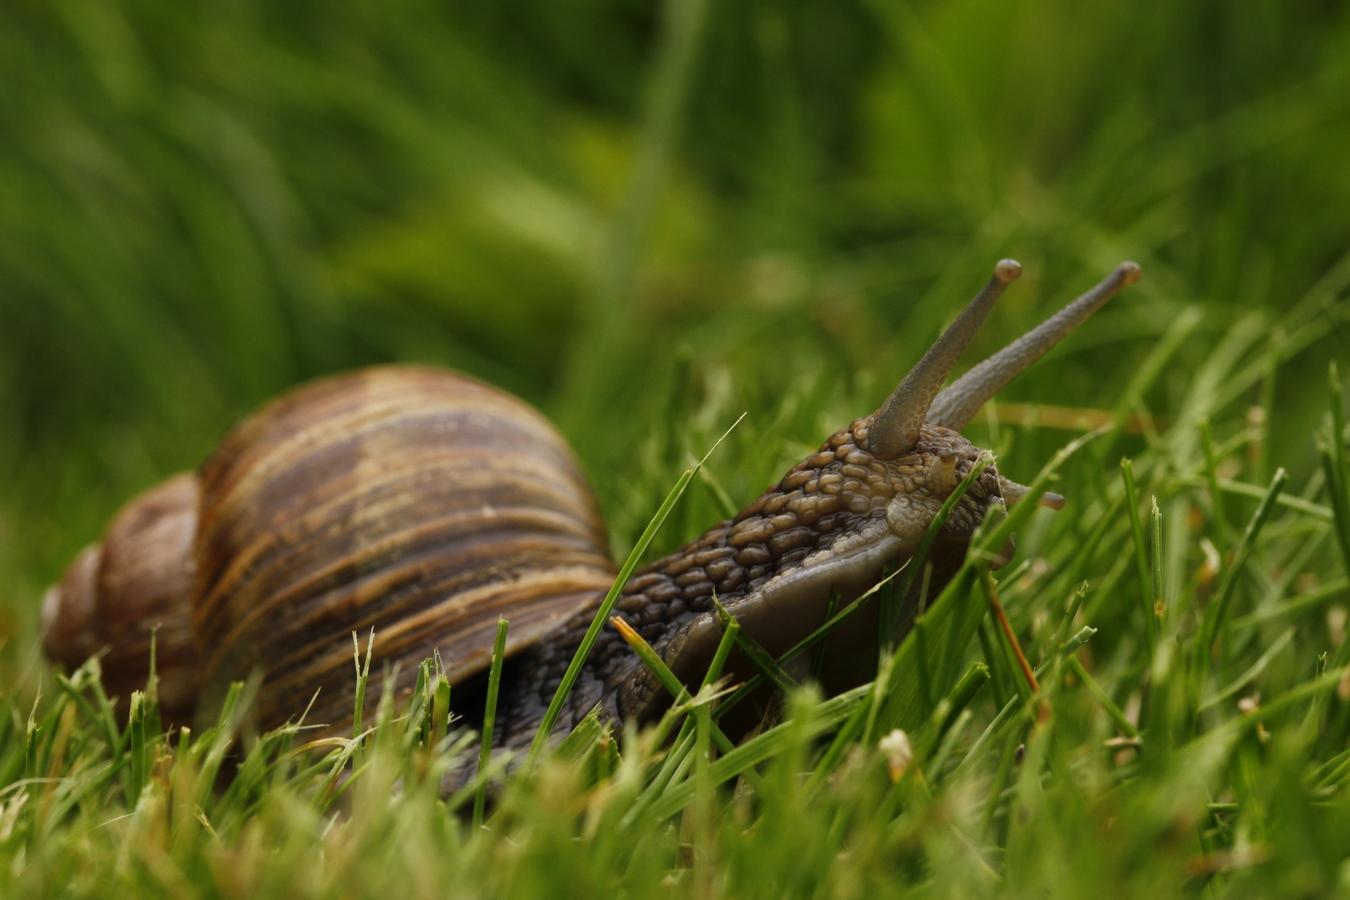 hlemýžď běží po trávě